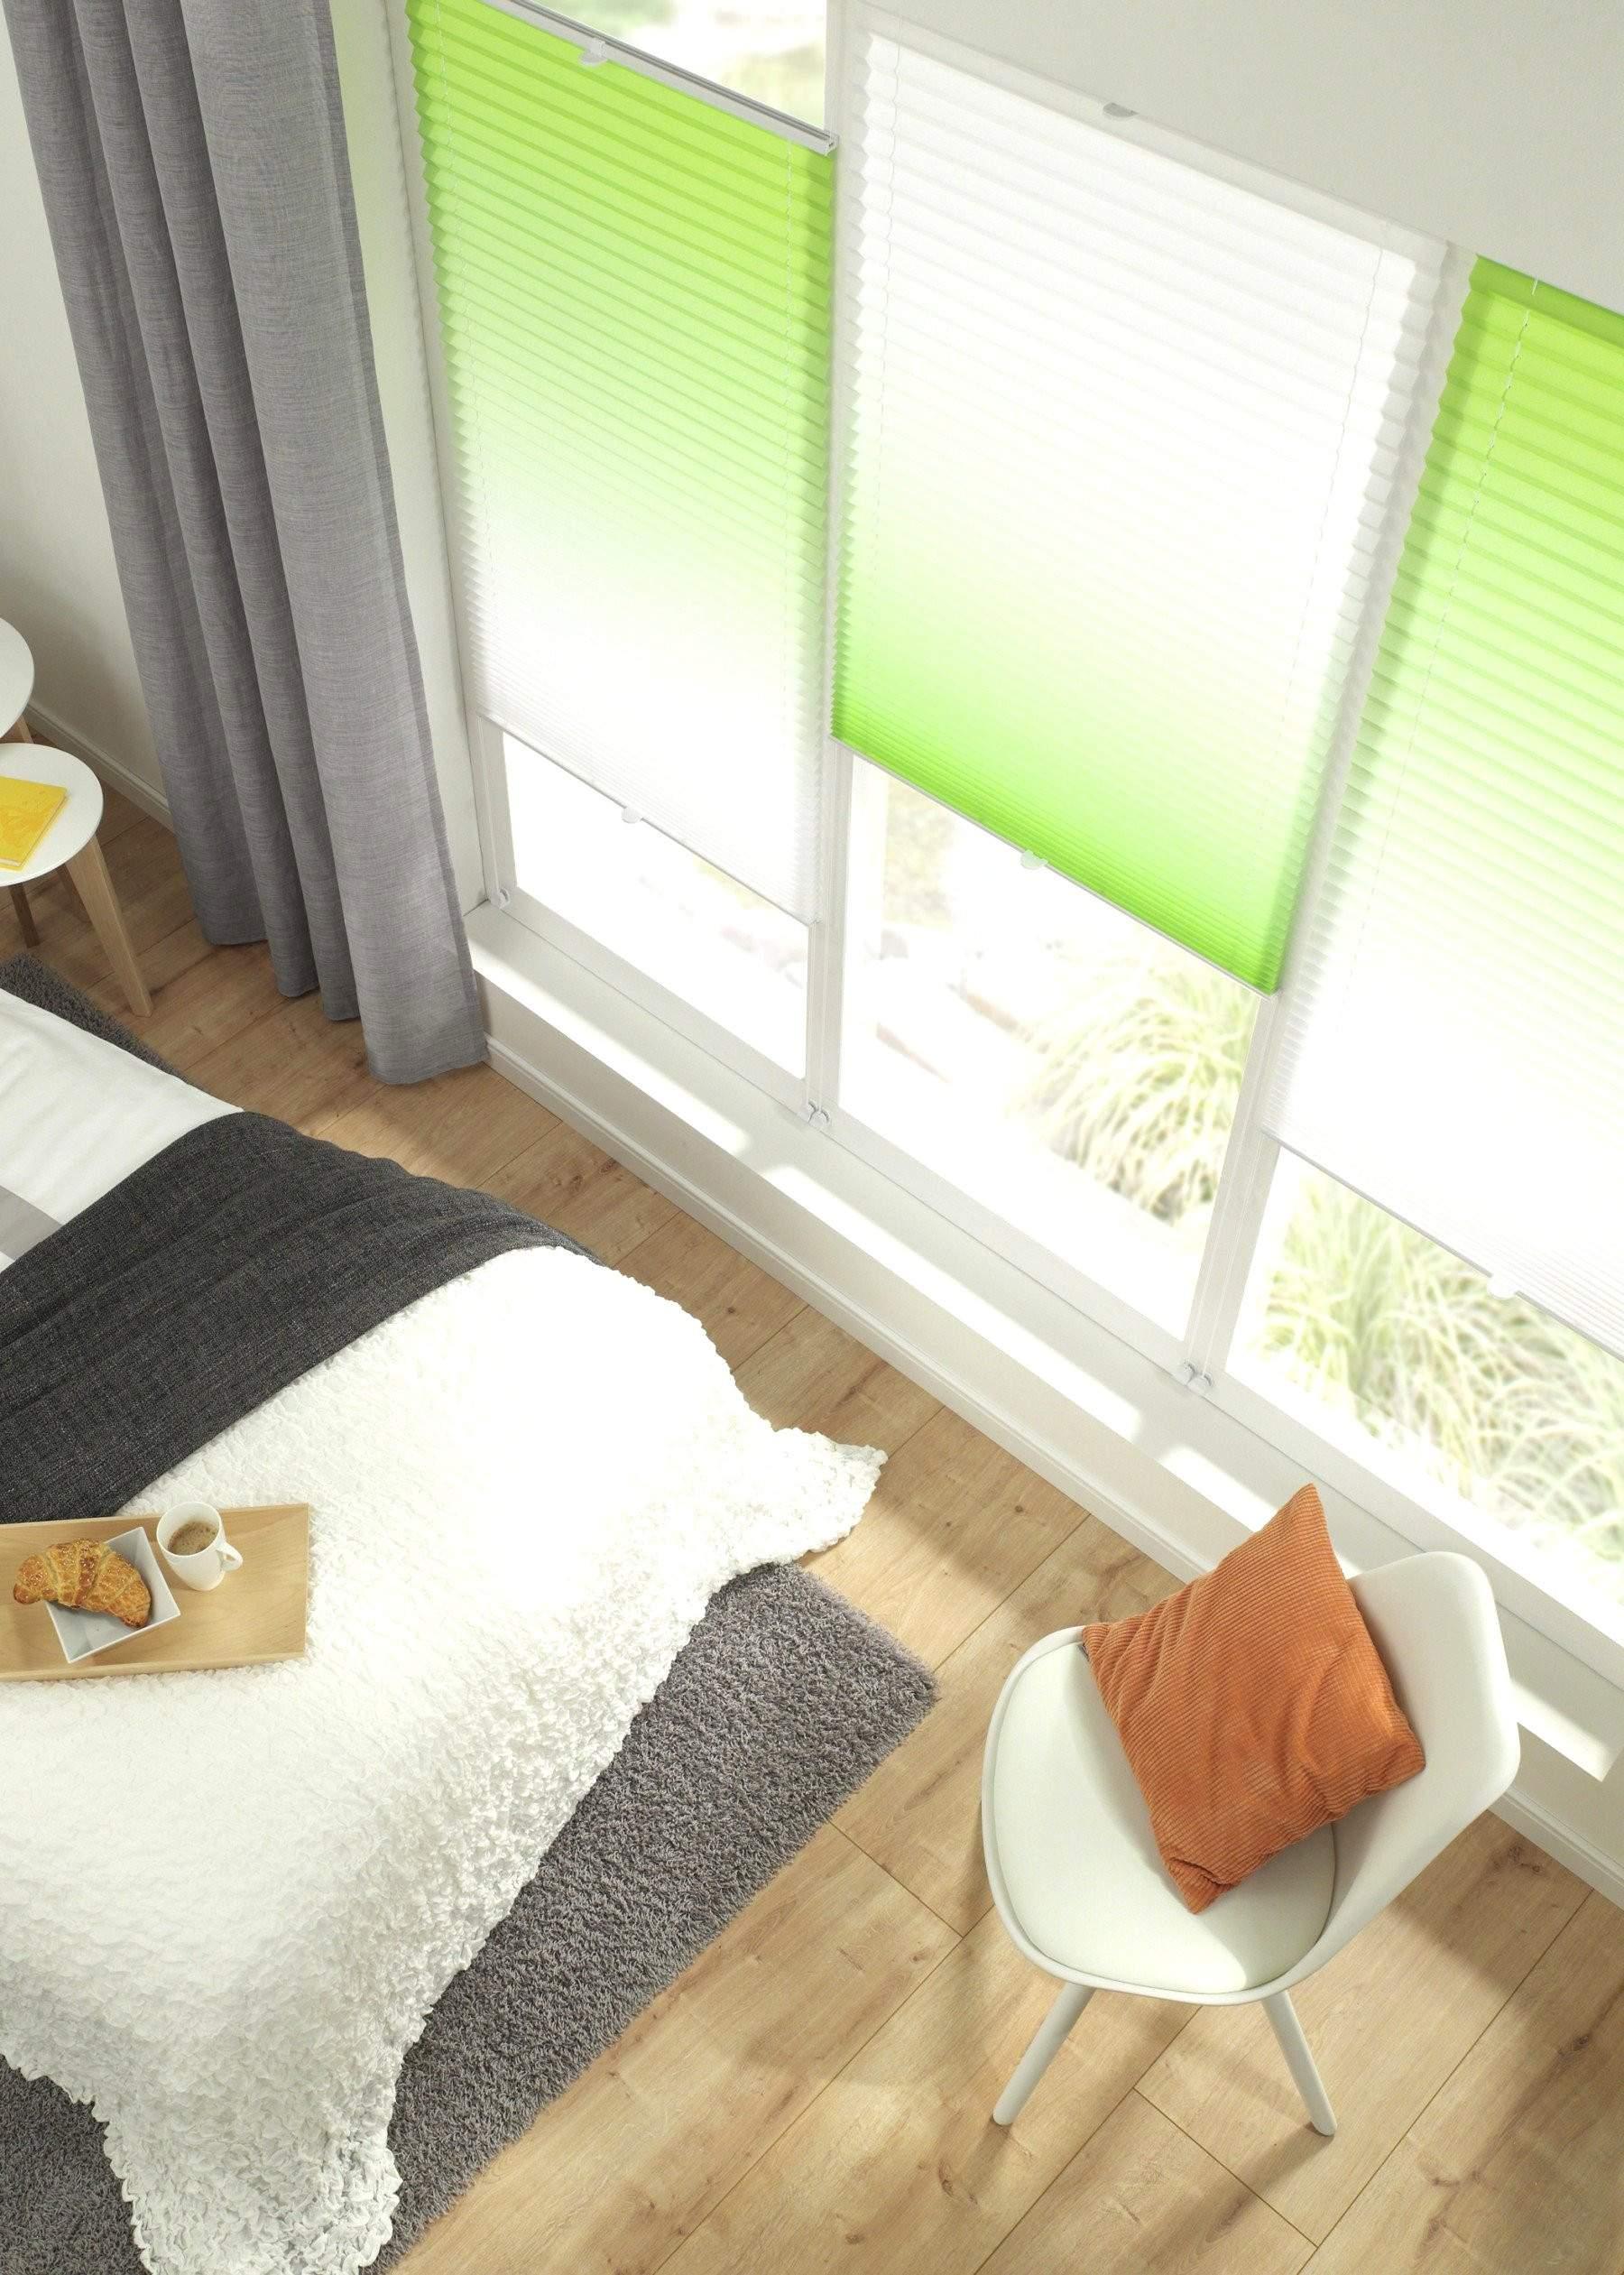 gardinen wohnzimmer ideen das beste von wohnzimmer fenster gardinen neu plissee wohnzimmer 0d design of gardinen wohnzimmer ideen